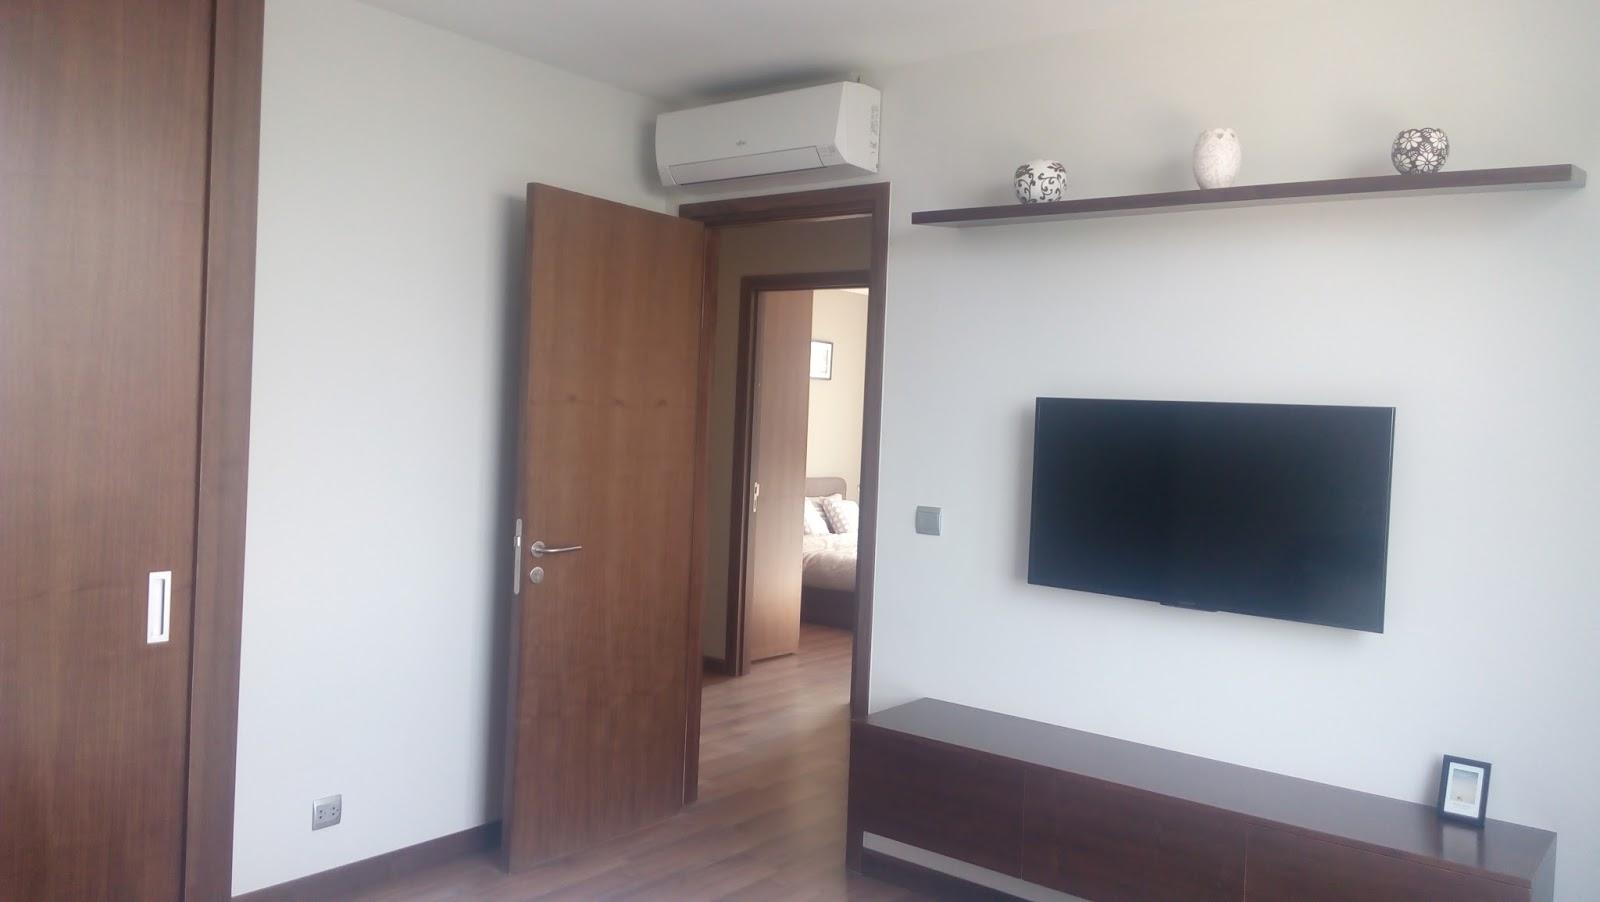 Hệ thống cửa gỗ Veneer Óc Chó tại chung cư Taseco Complex